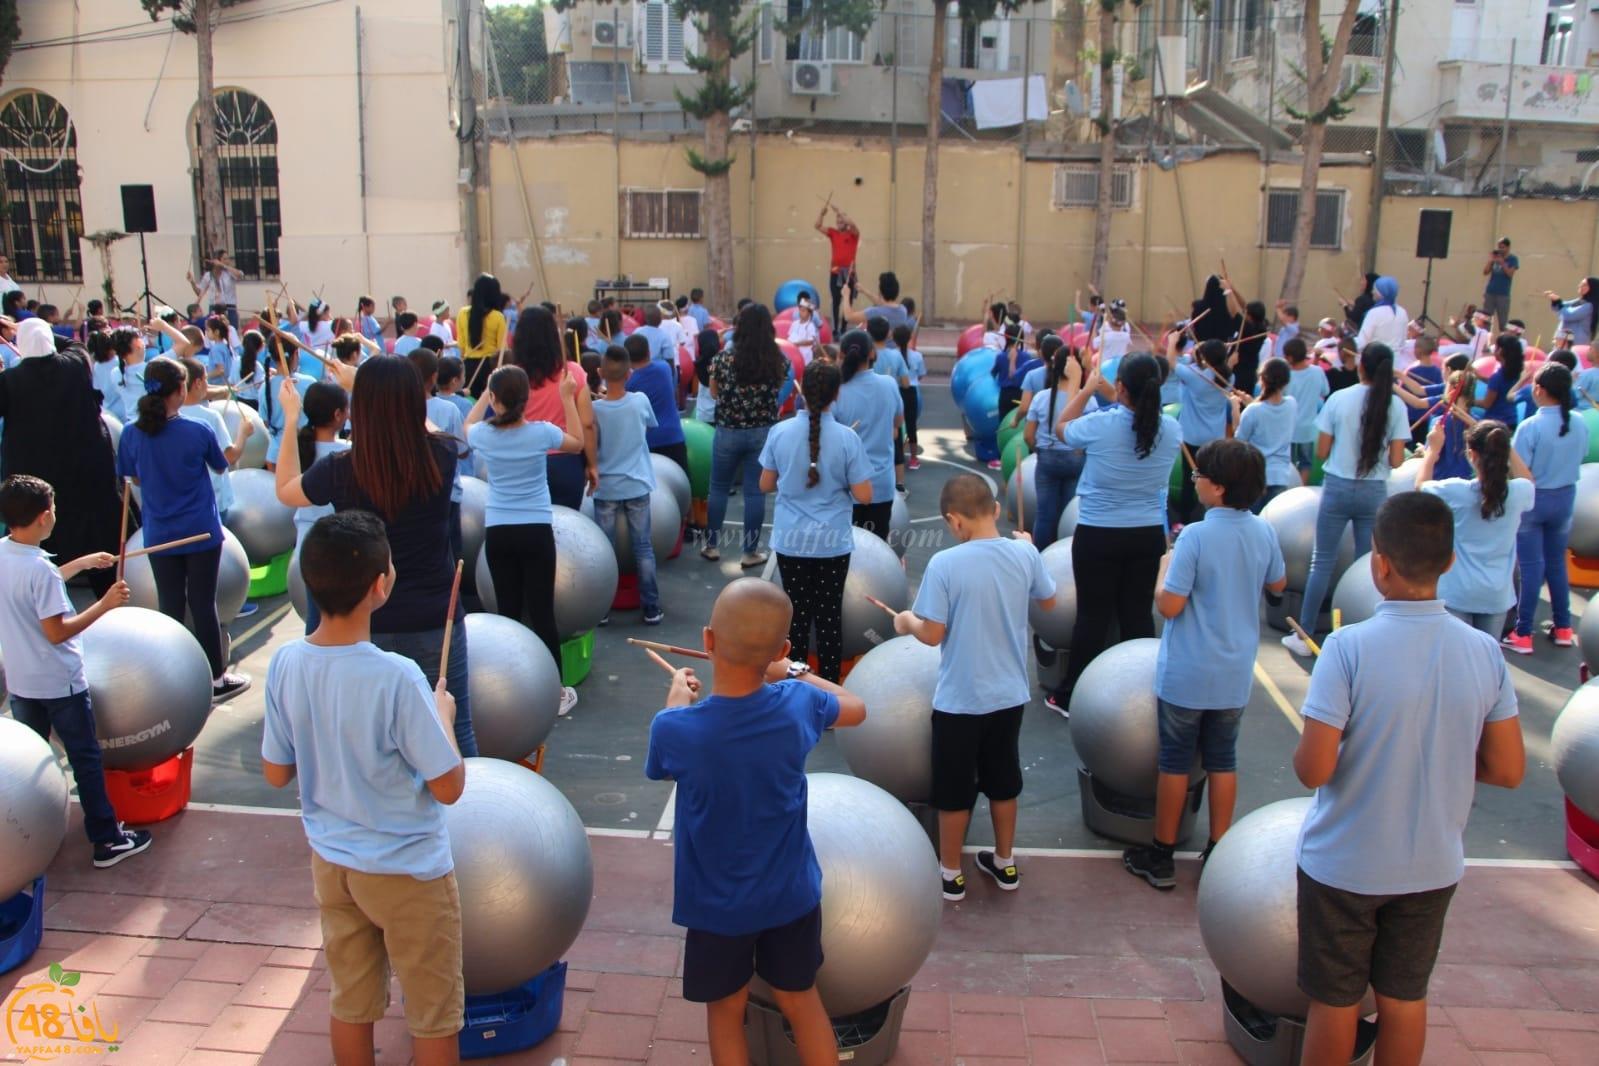 فيديو: افتتاح السنة الدراسية الجديدة في مدرسة الزهراء الابتدائية